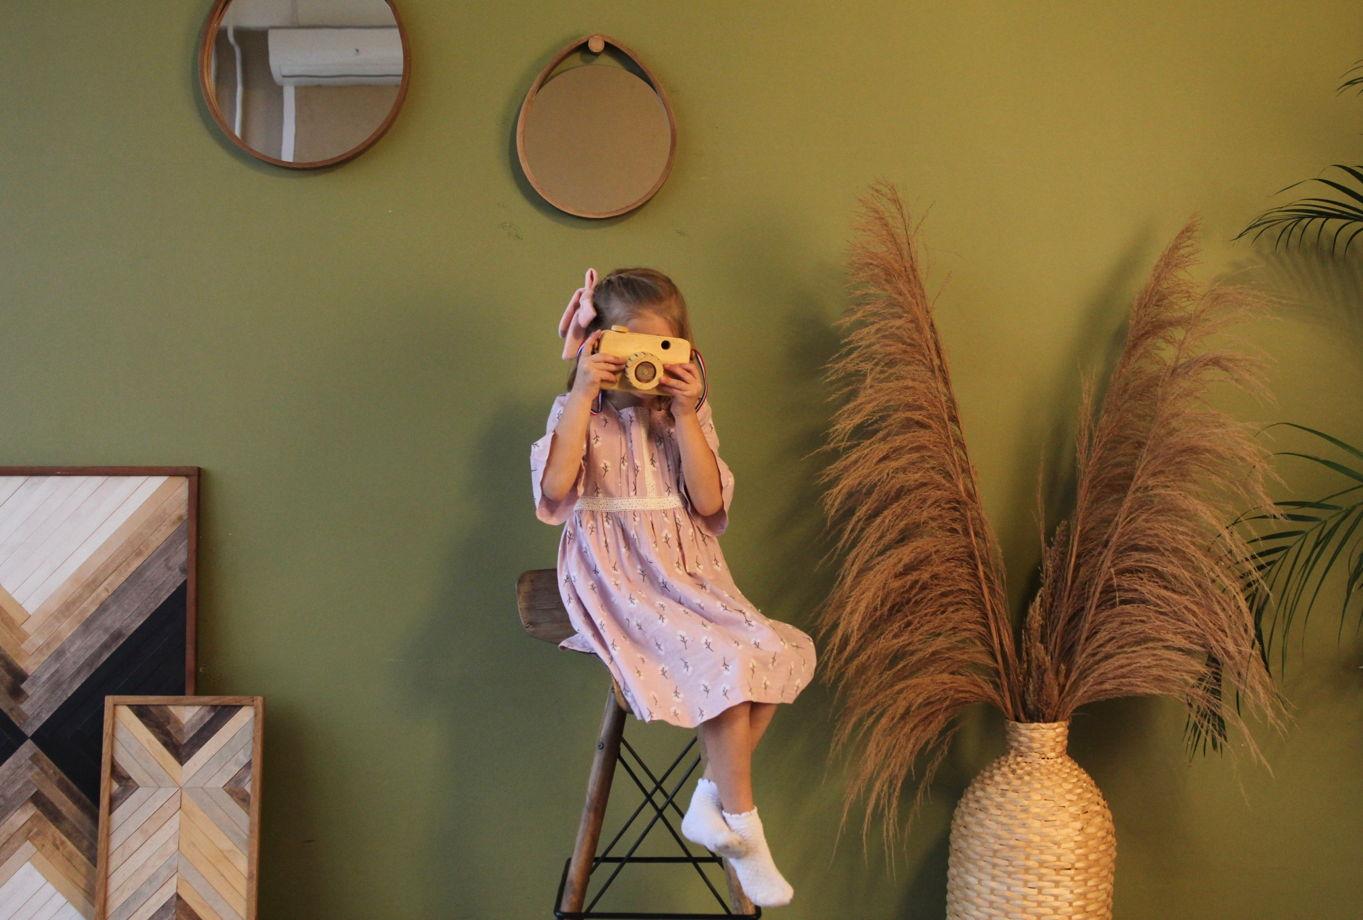 Деревянная детская игрушка - Фотоаппарат